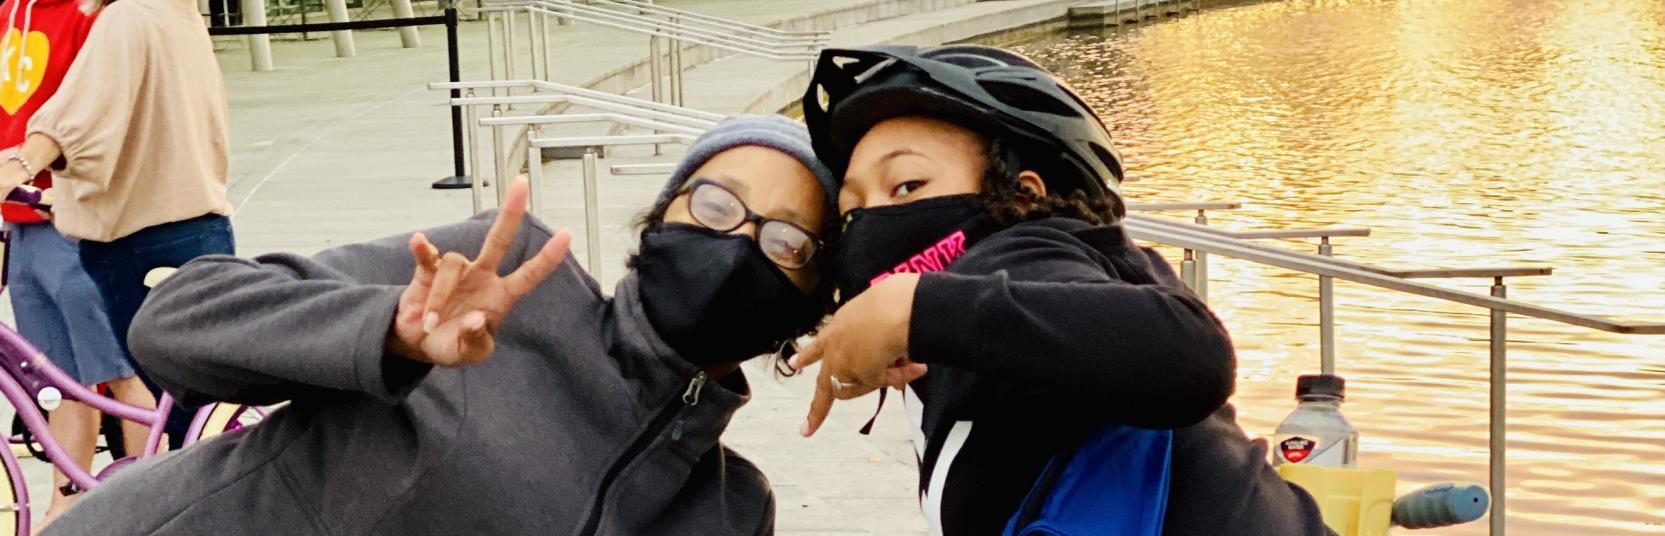 Two Kids Enjoying Spindletop Cruiser Bike Tours In Beaumont, TX